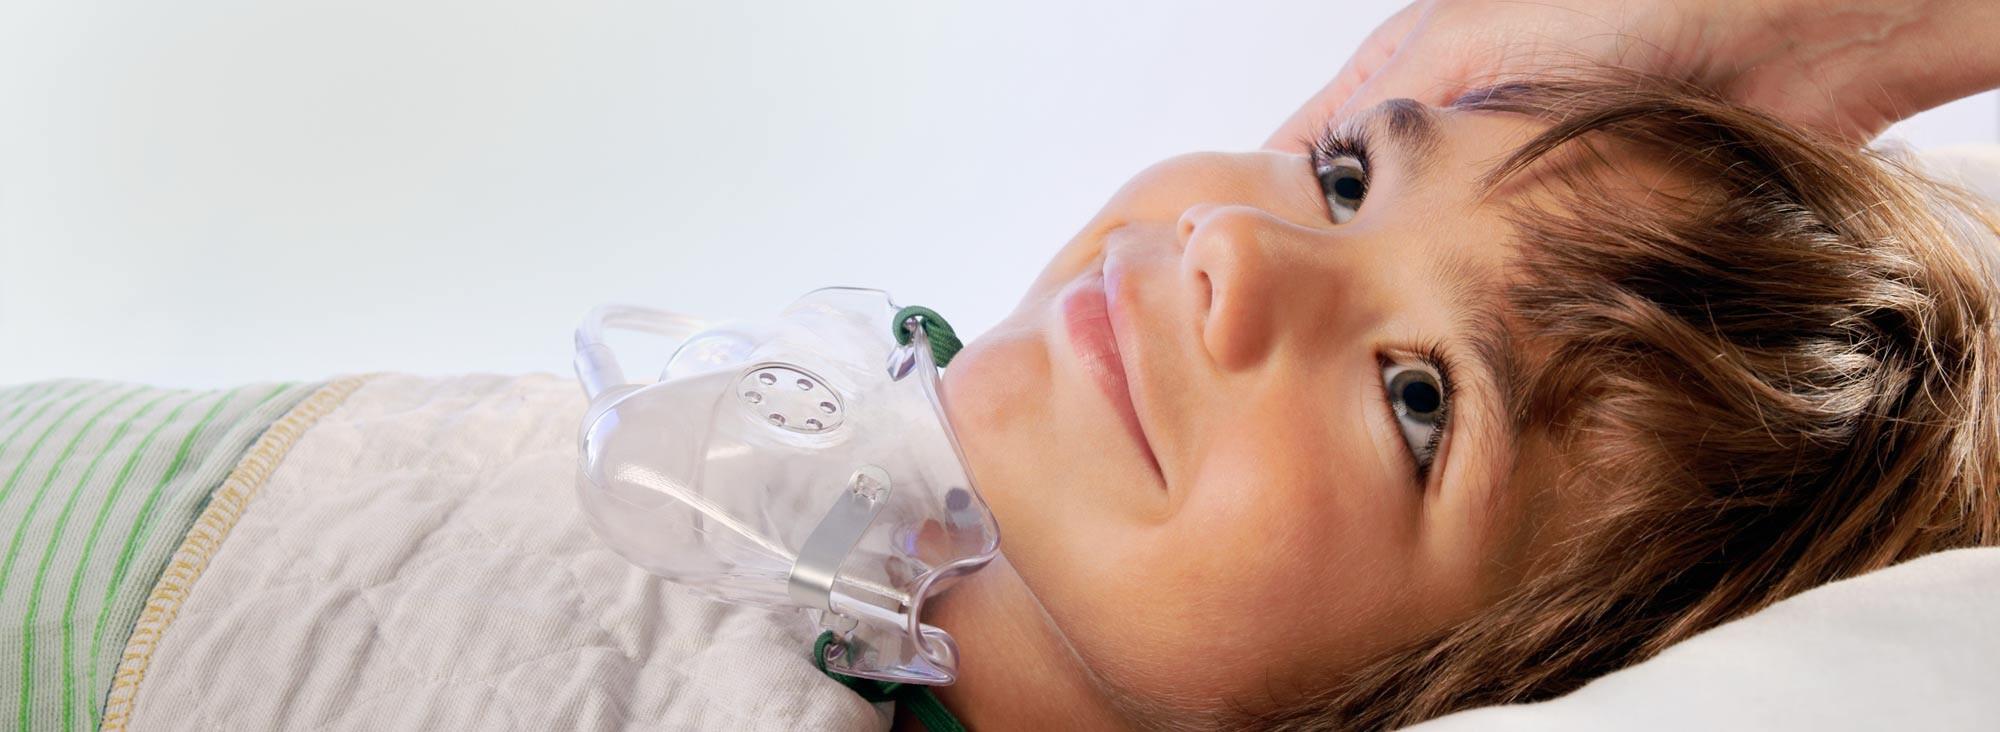 Lachgasbehandlung beim Kinderzahnarzt